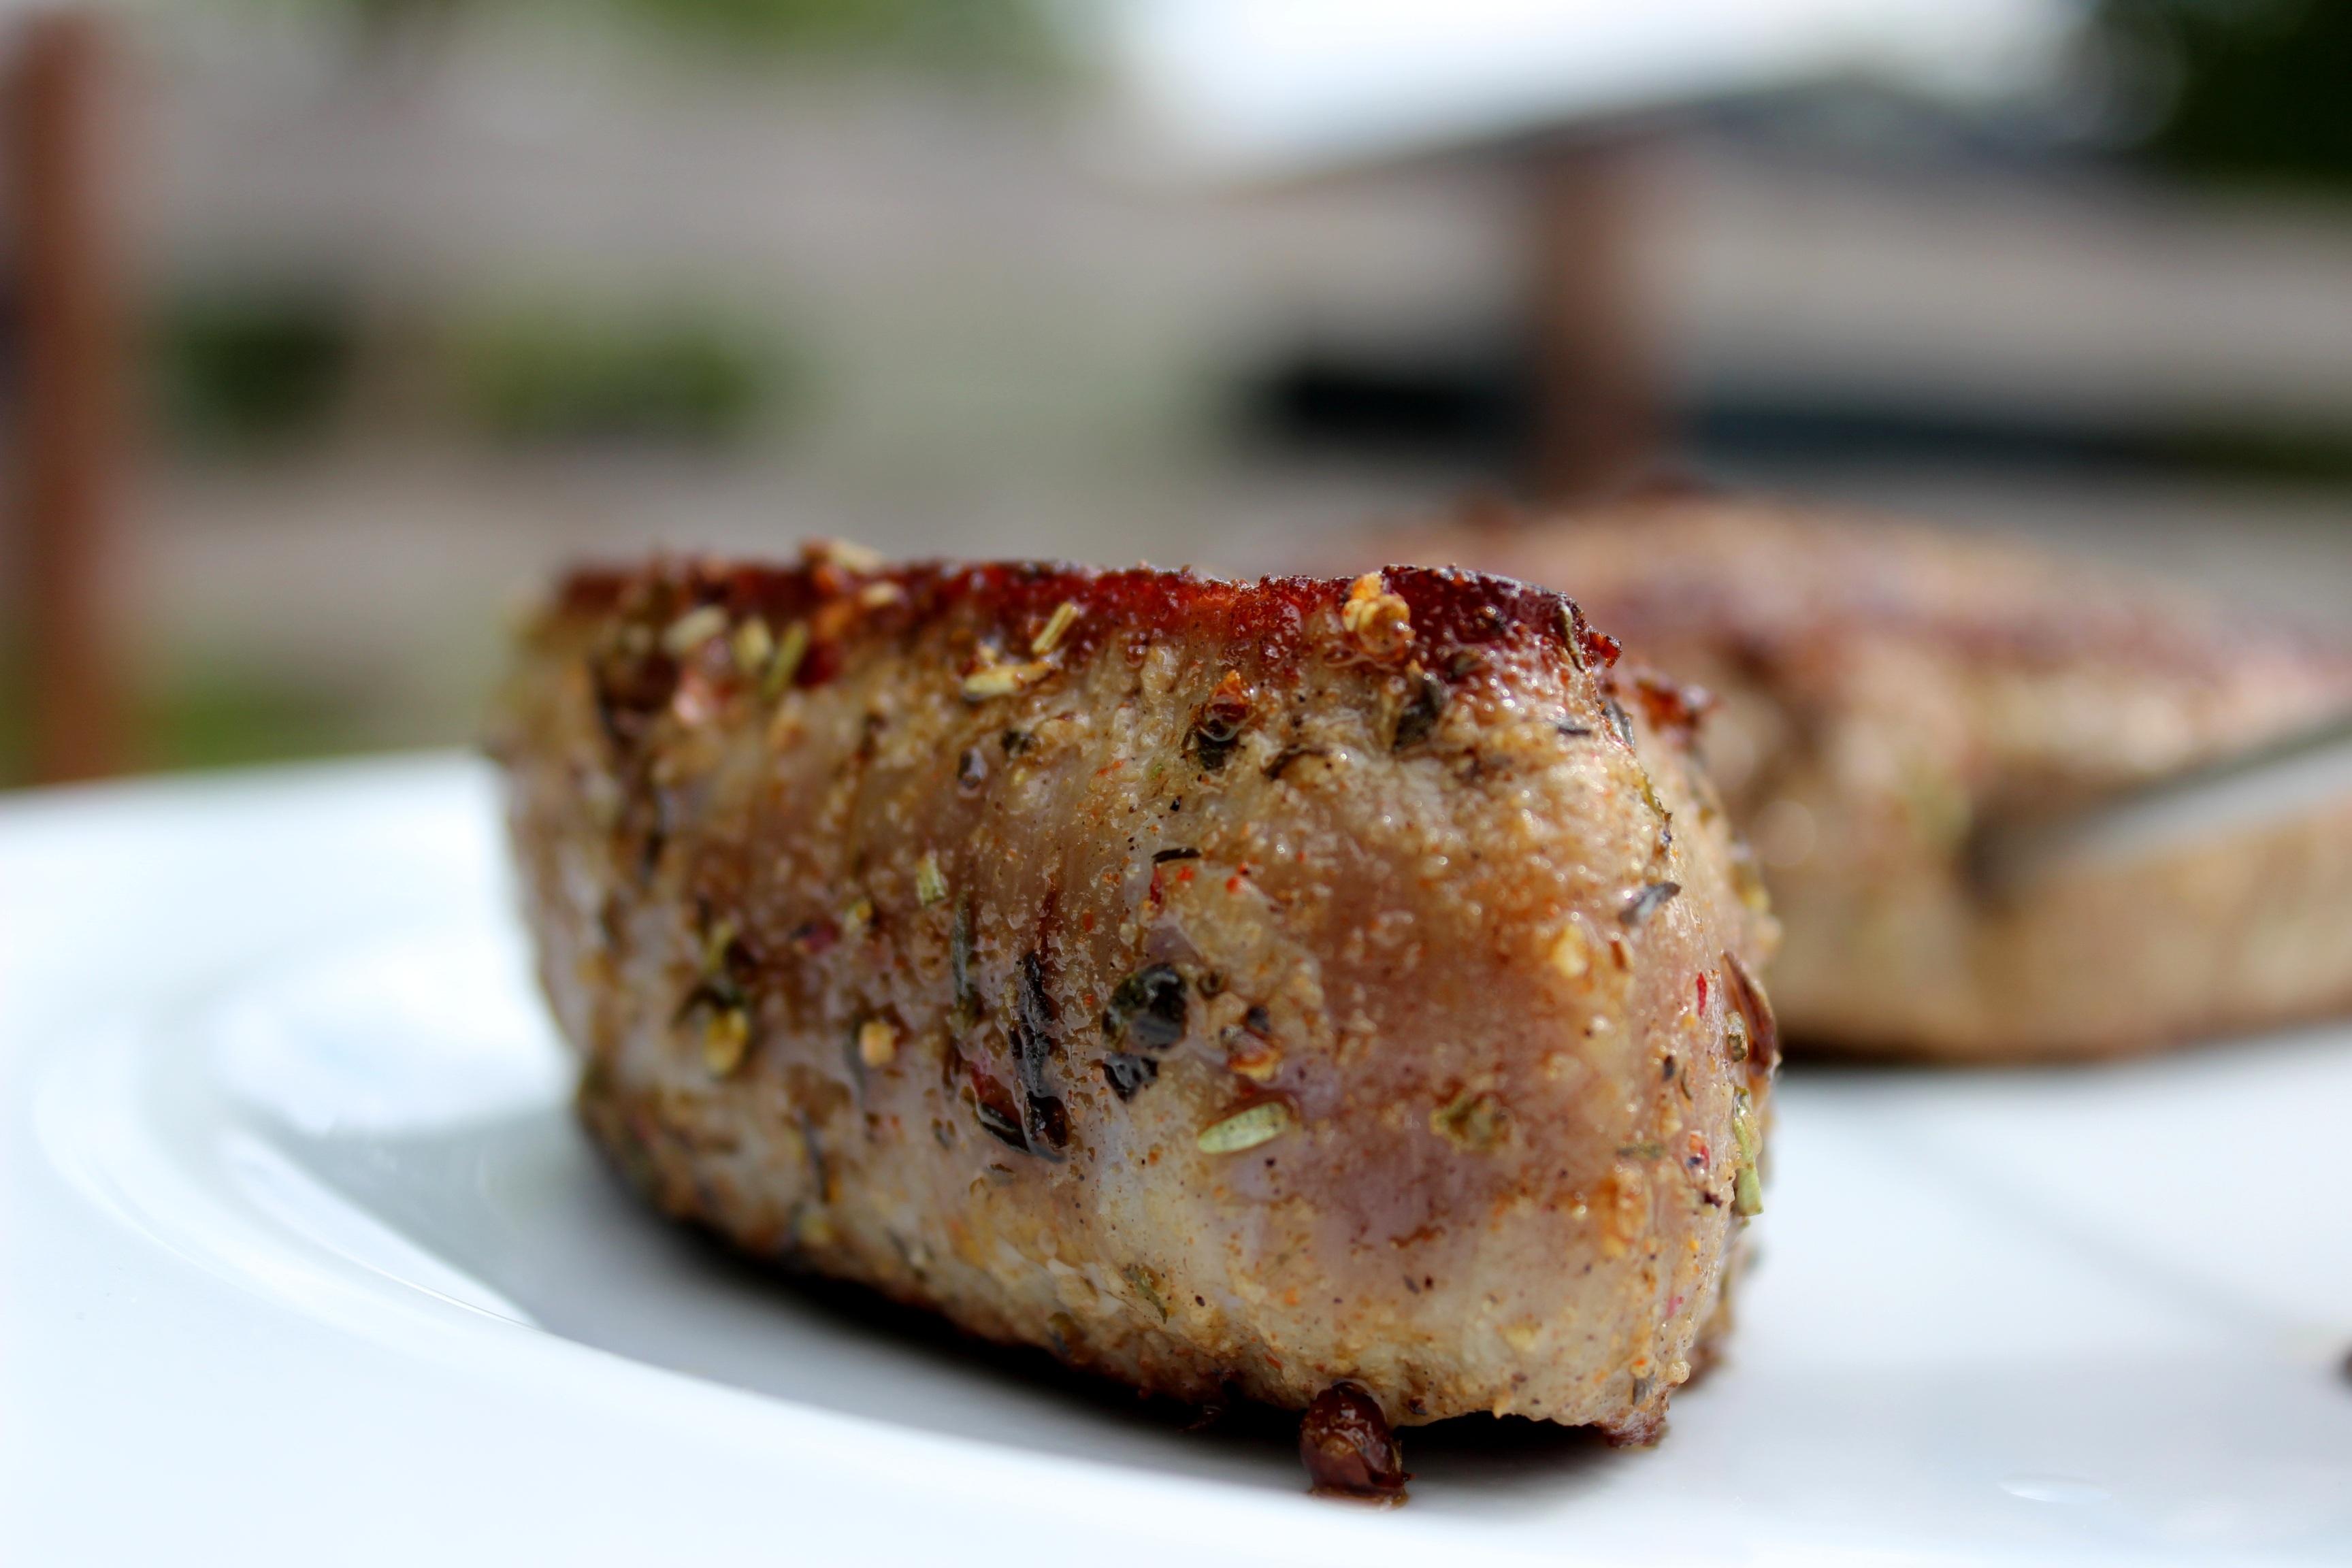 Kostenlose foto : Gericht, Pfeffer, produzieren, Fleisch ...